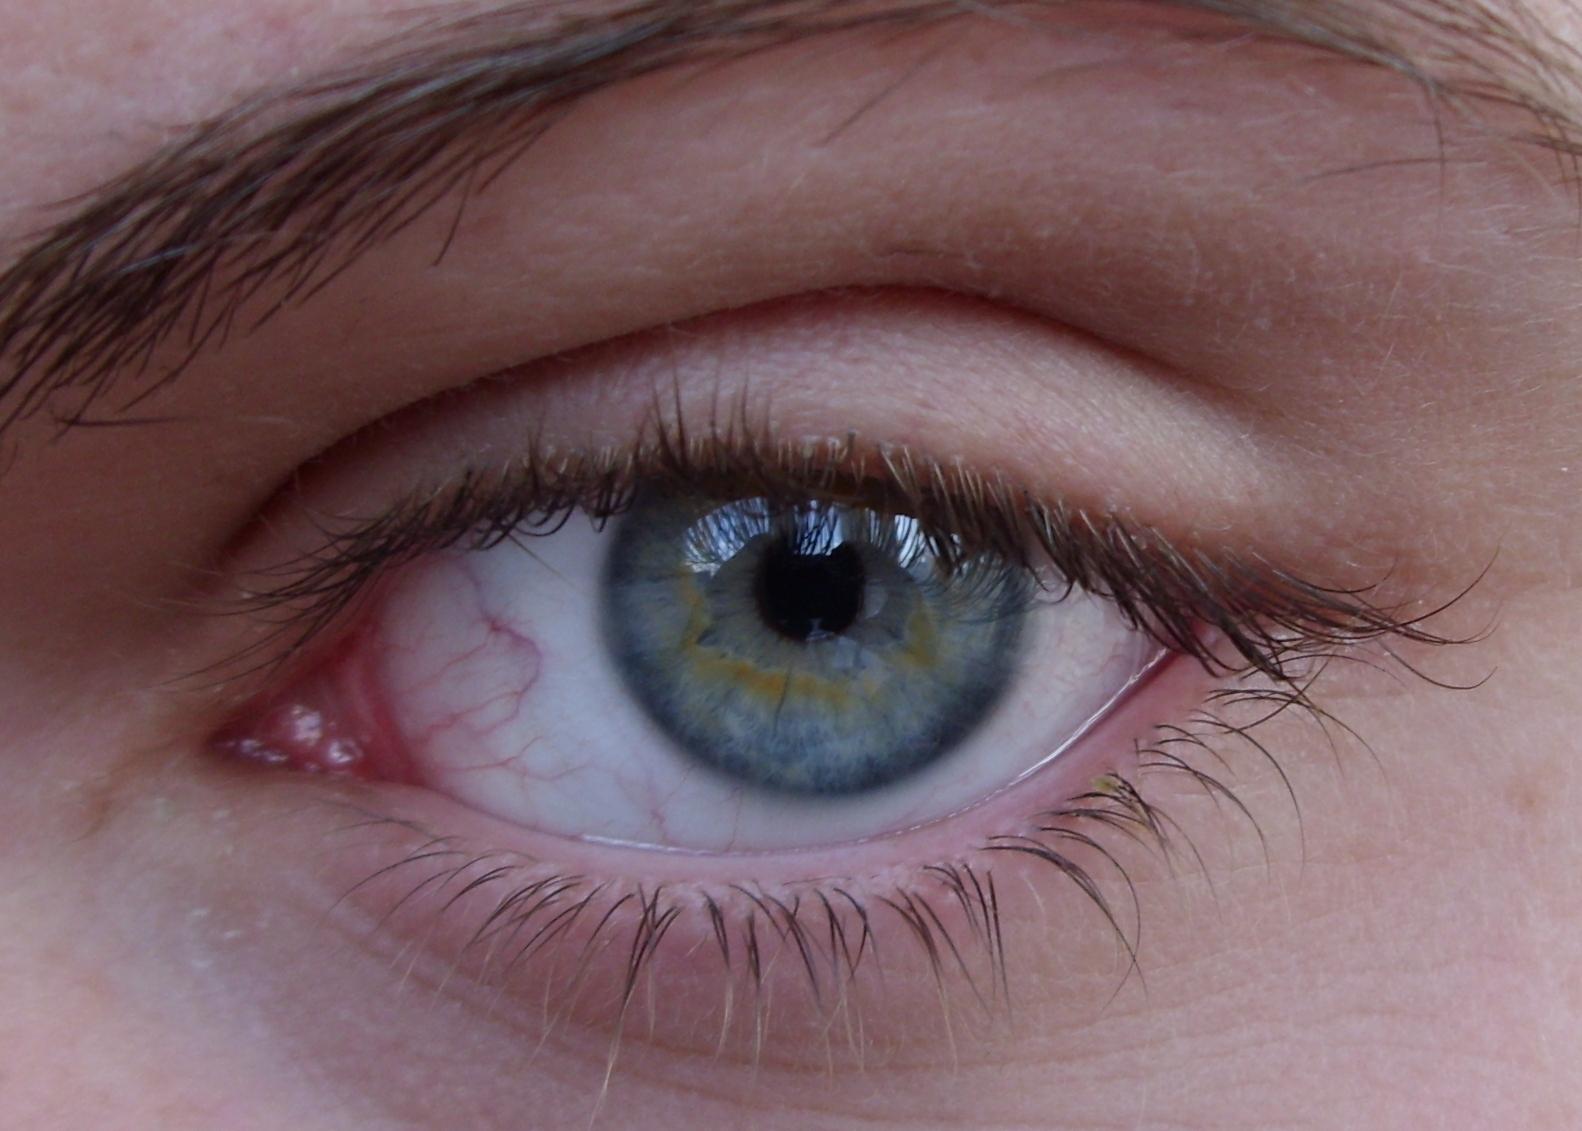 File:Same eye.jpg - Wikimedia Commons